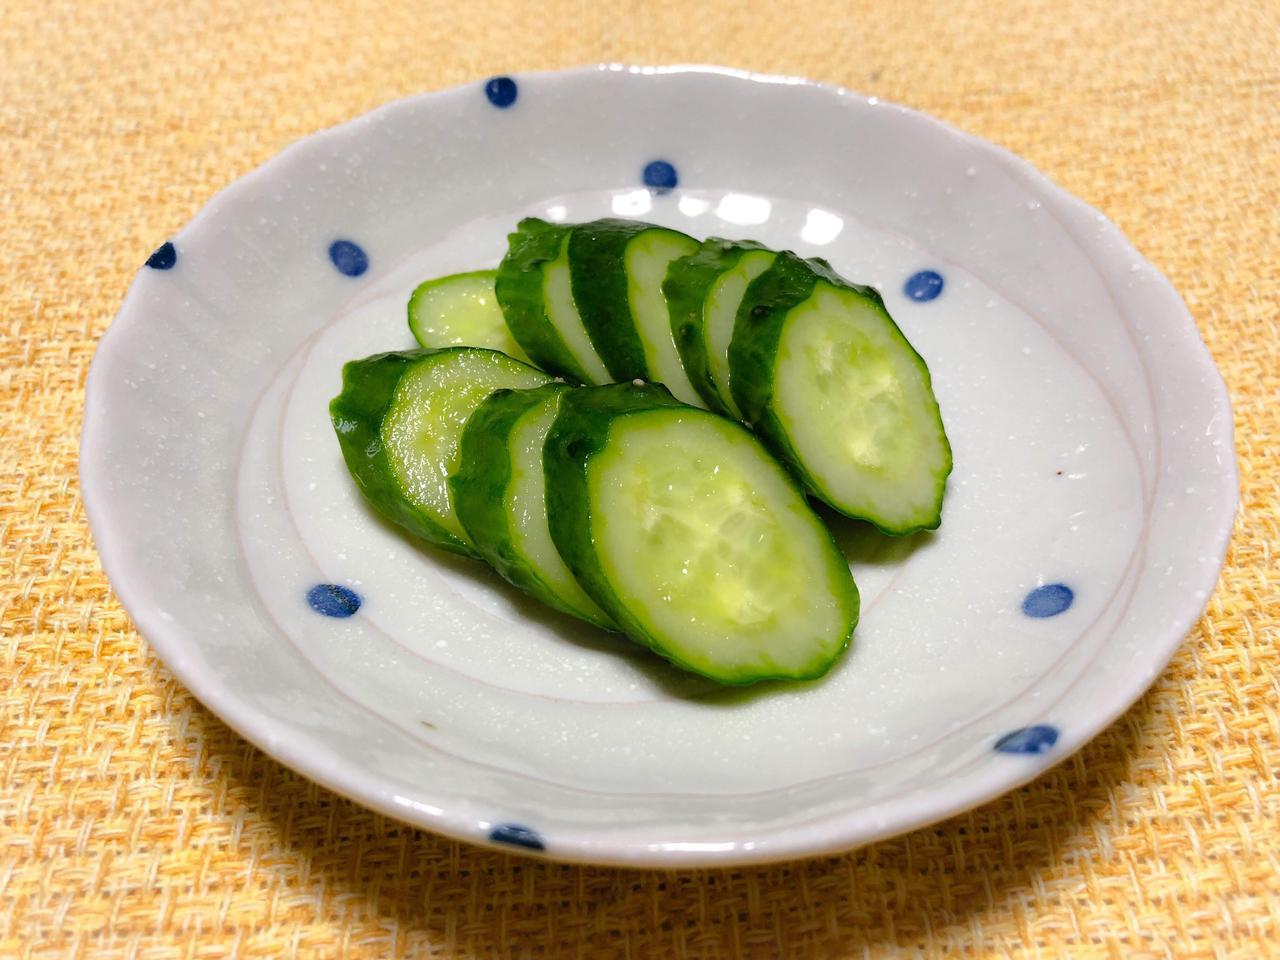 画像: 【おつまみレシピ】きゅうり・白菜など浅漬けの作り方 美味しく作る秘訣は塩分の割合 - ハピキャン(HAPPY CAMPER)